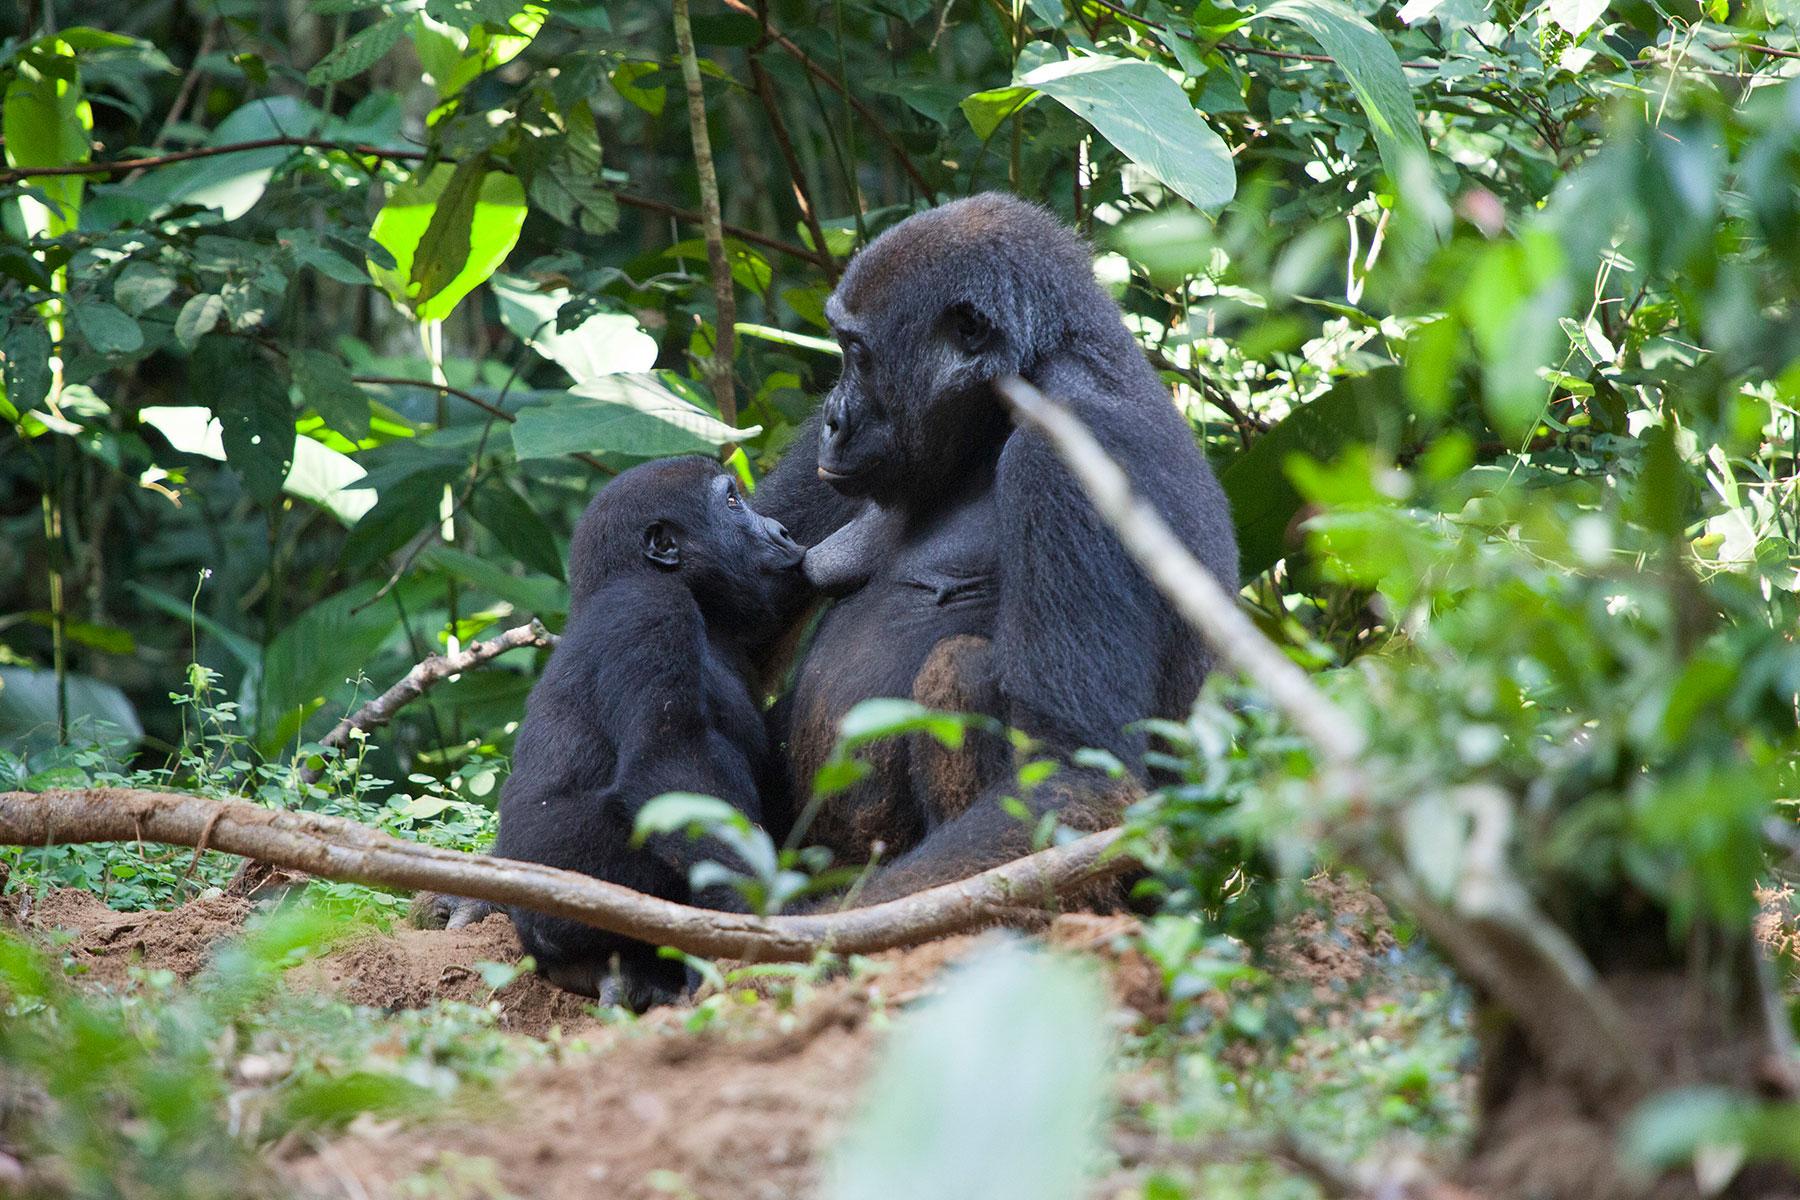 congo-gorillas-sophie-smith-4